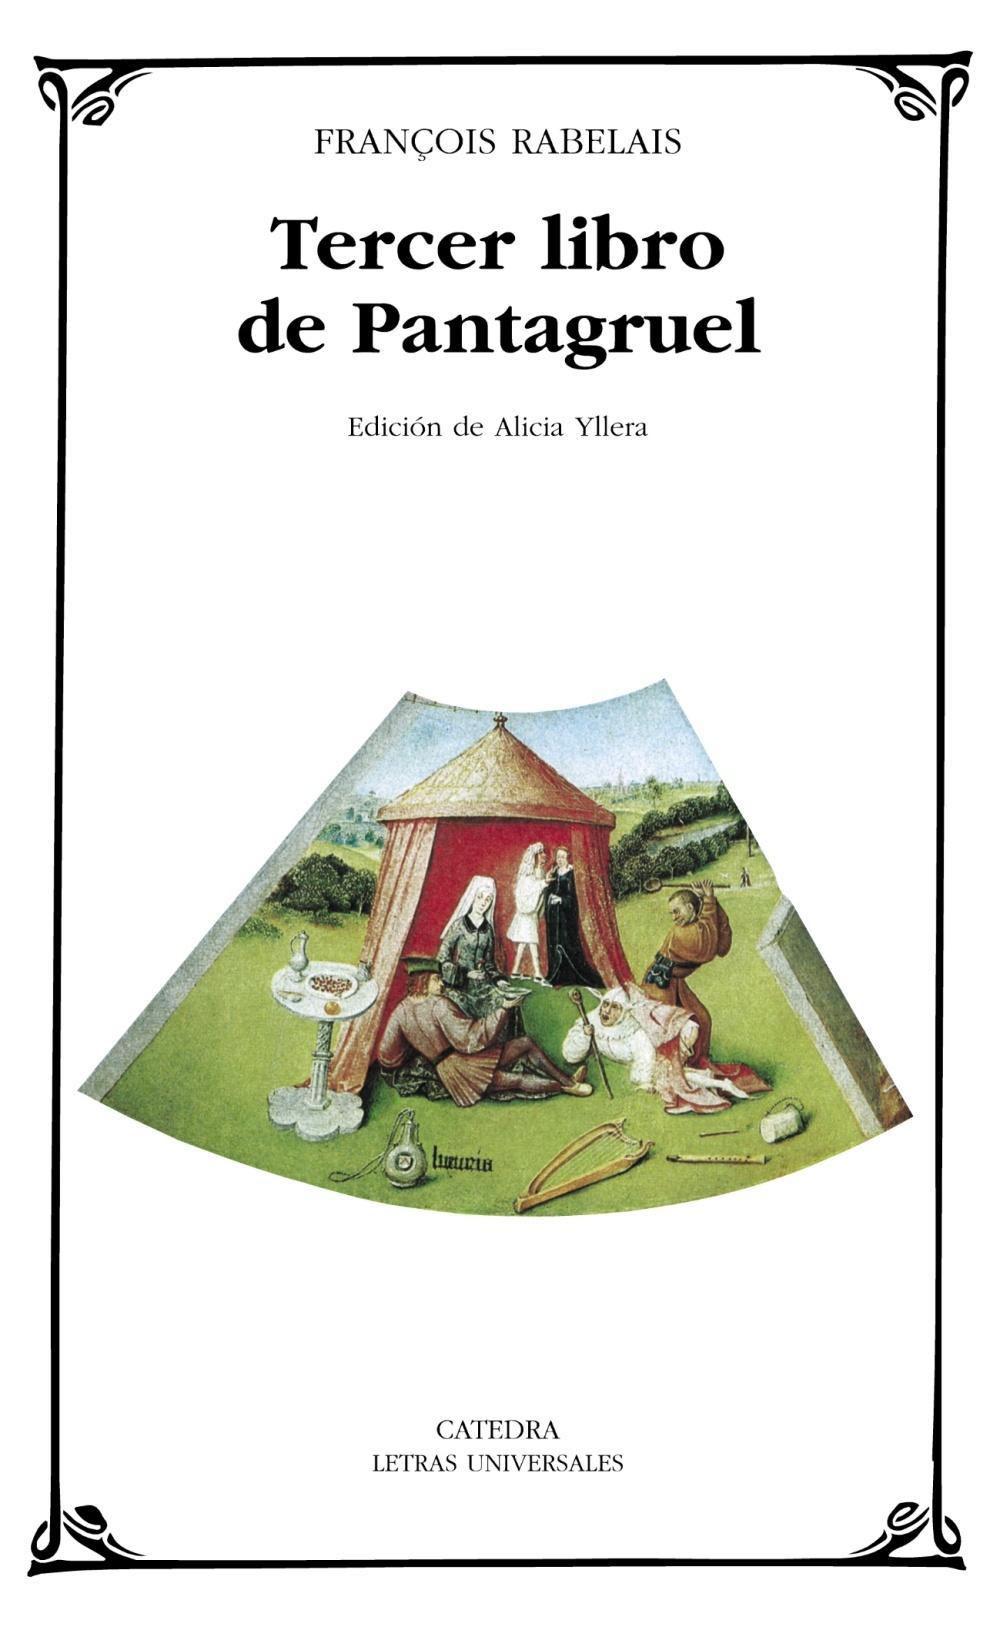 Foto Tercer libro de Pantagruel